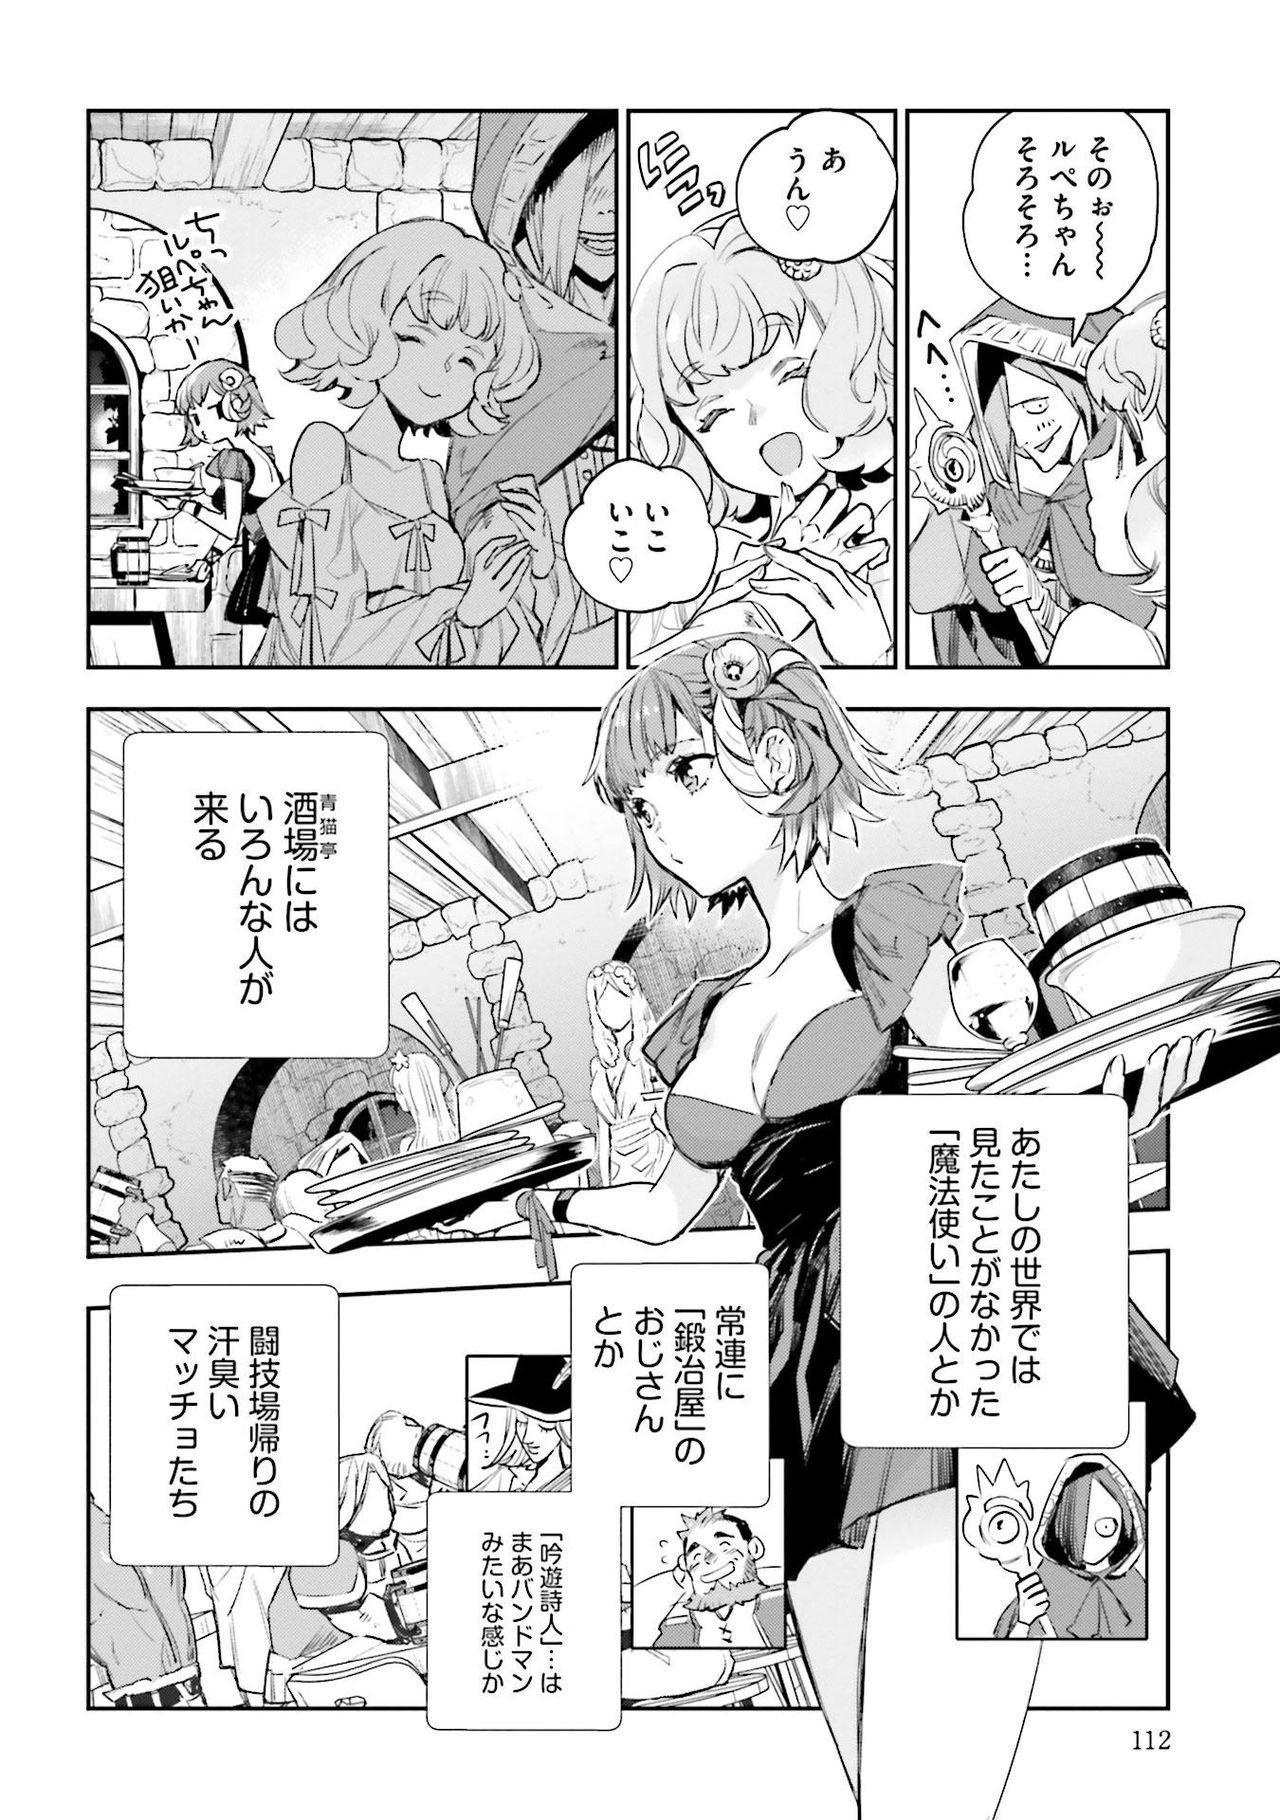 JK Haru wa Isekai de Shoufu ni Natta 1-14 471